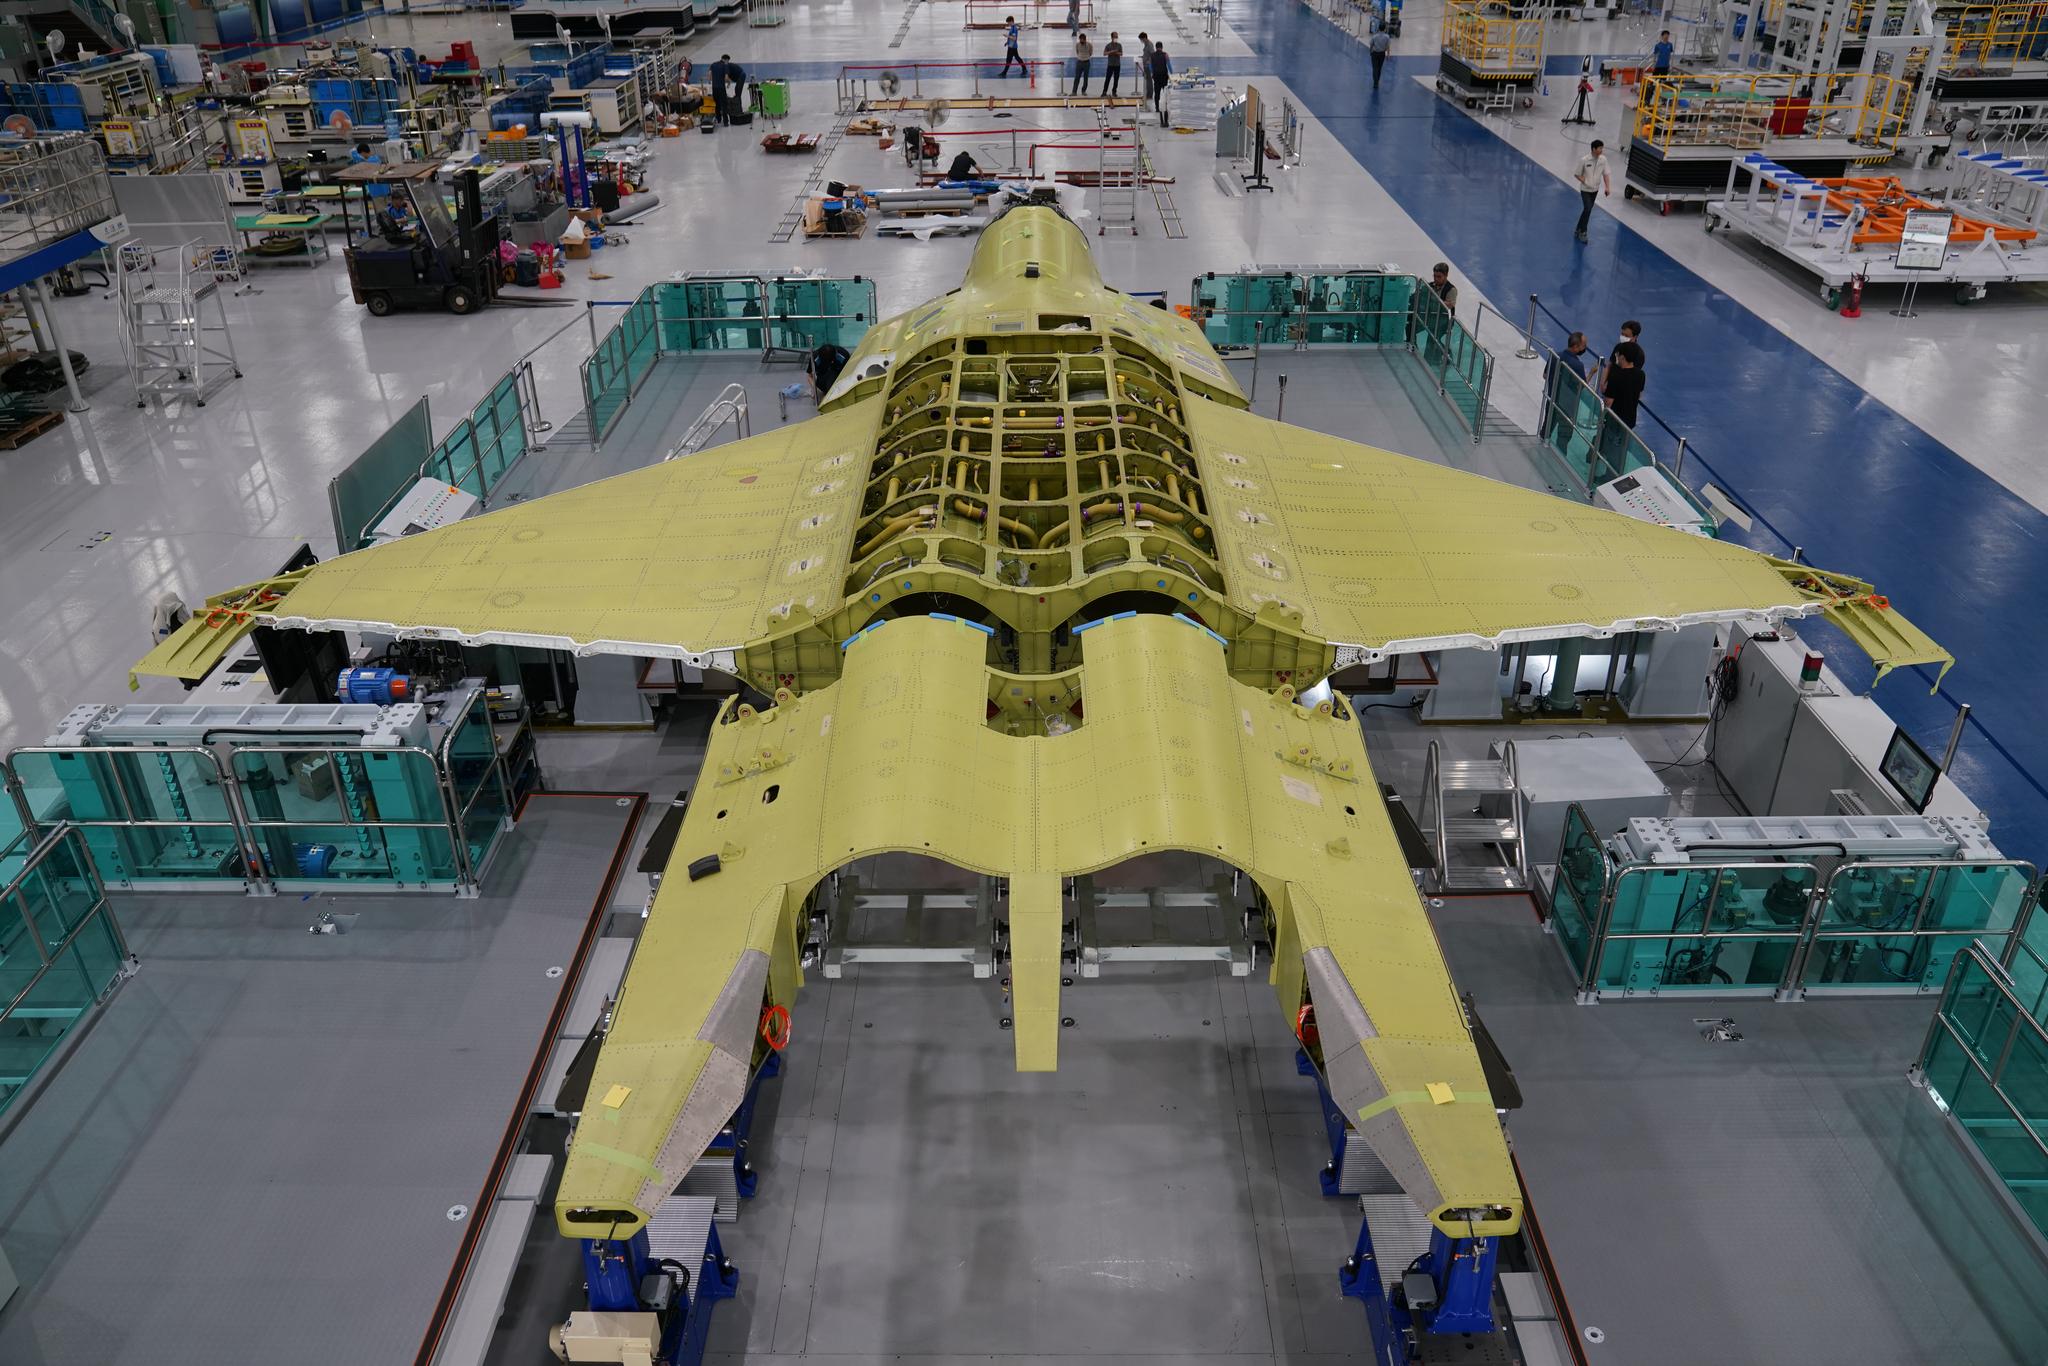 한국항공우주산업(KAI)가 경남 사천 공장에서 3일 한국형 전투기(KF-X) 시제기 최종 조립에 들어간다고 밝혔다. 본격적을 개발을 시잔한지 5년여만의 일이다. 시제기는 내년 상반기 일반에 공개된다. [사진제공 KAI]